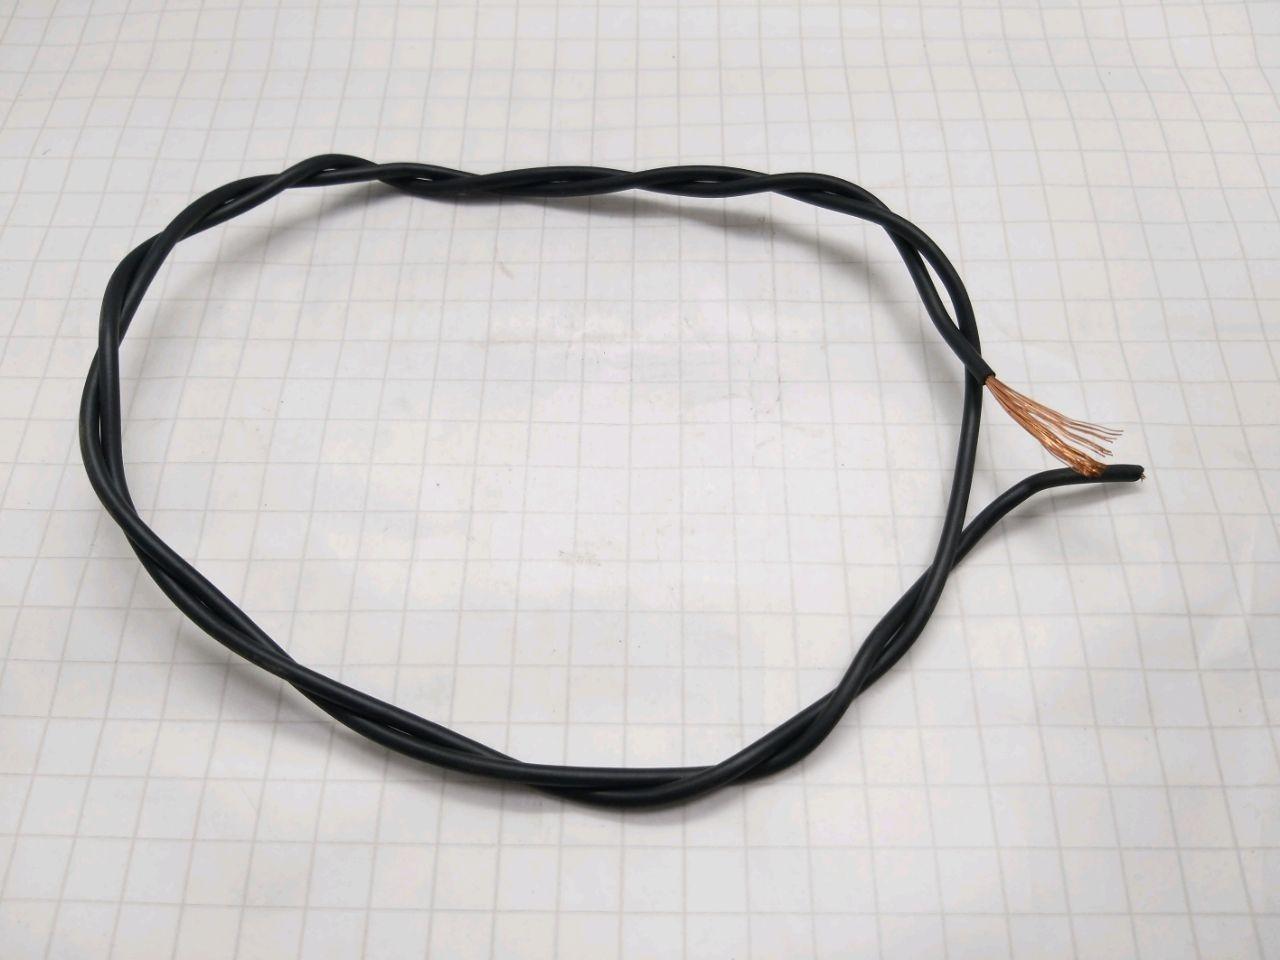 Cablu electric PV-3 2,5 (negru)